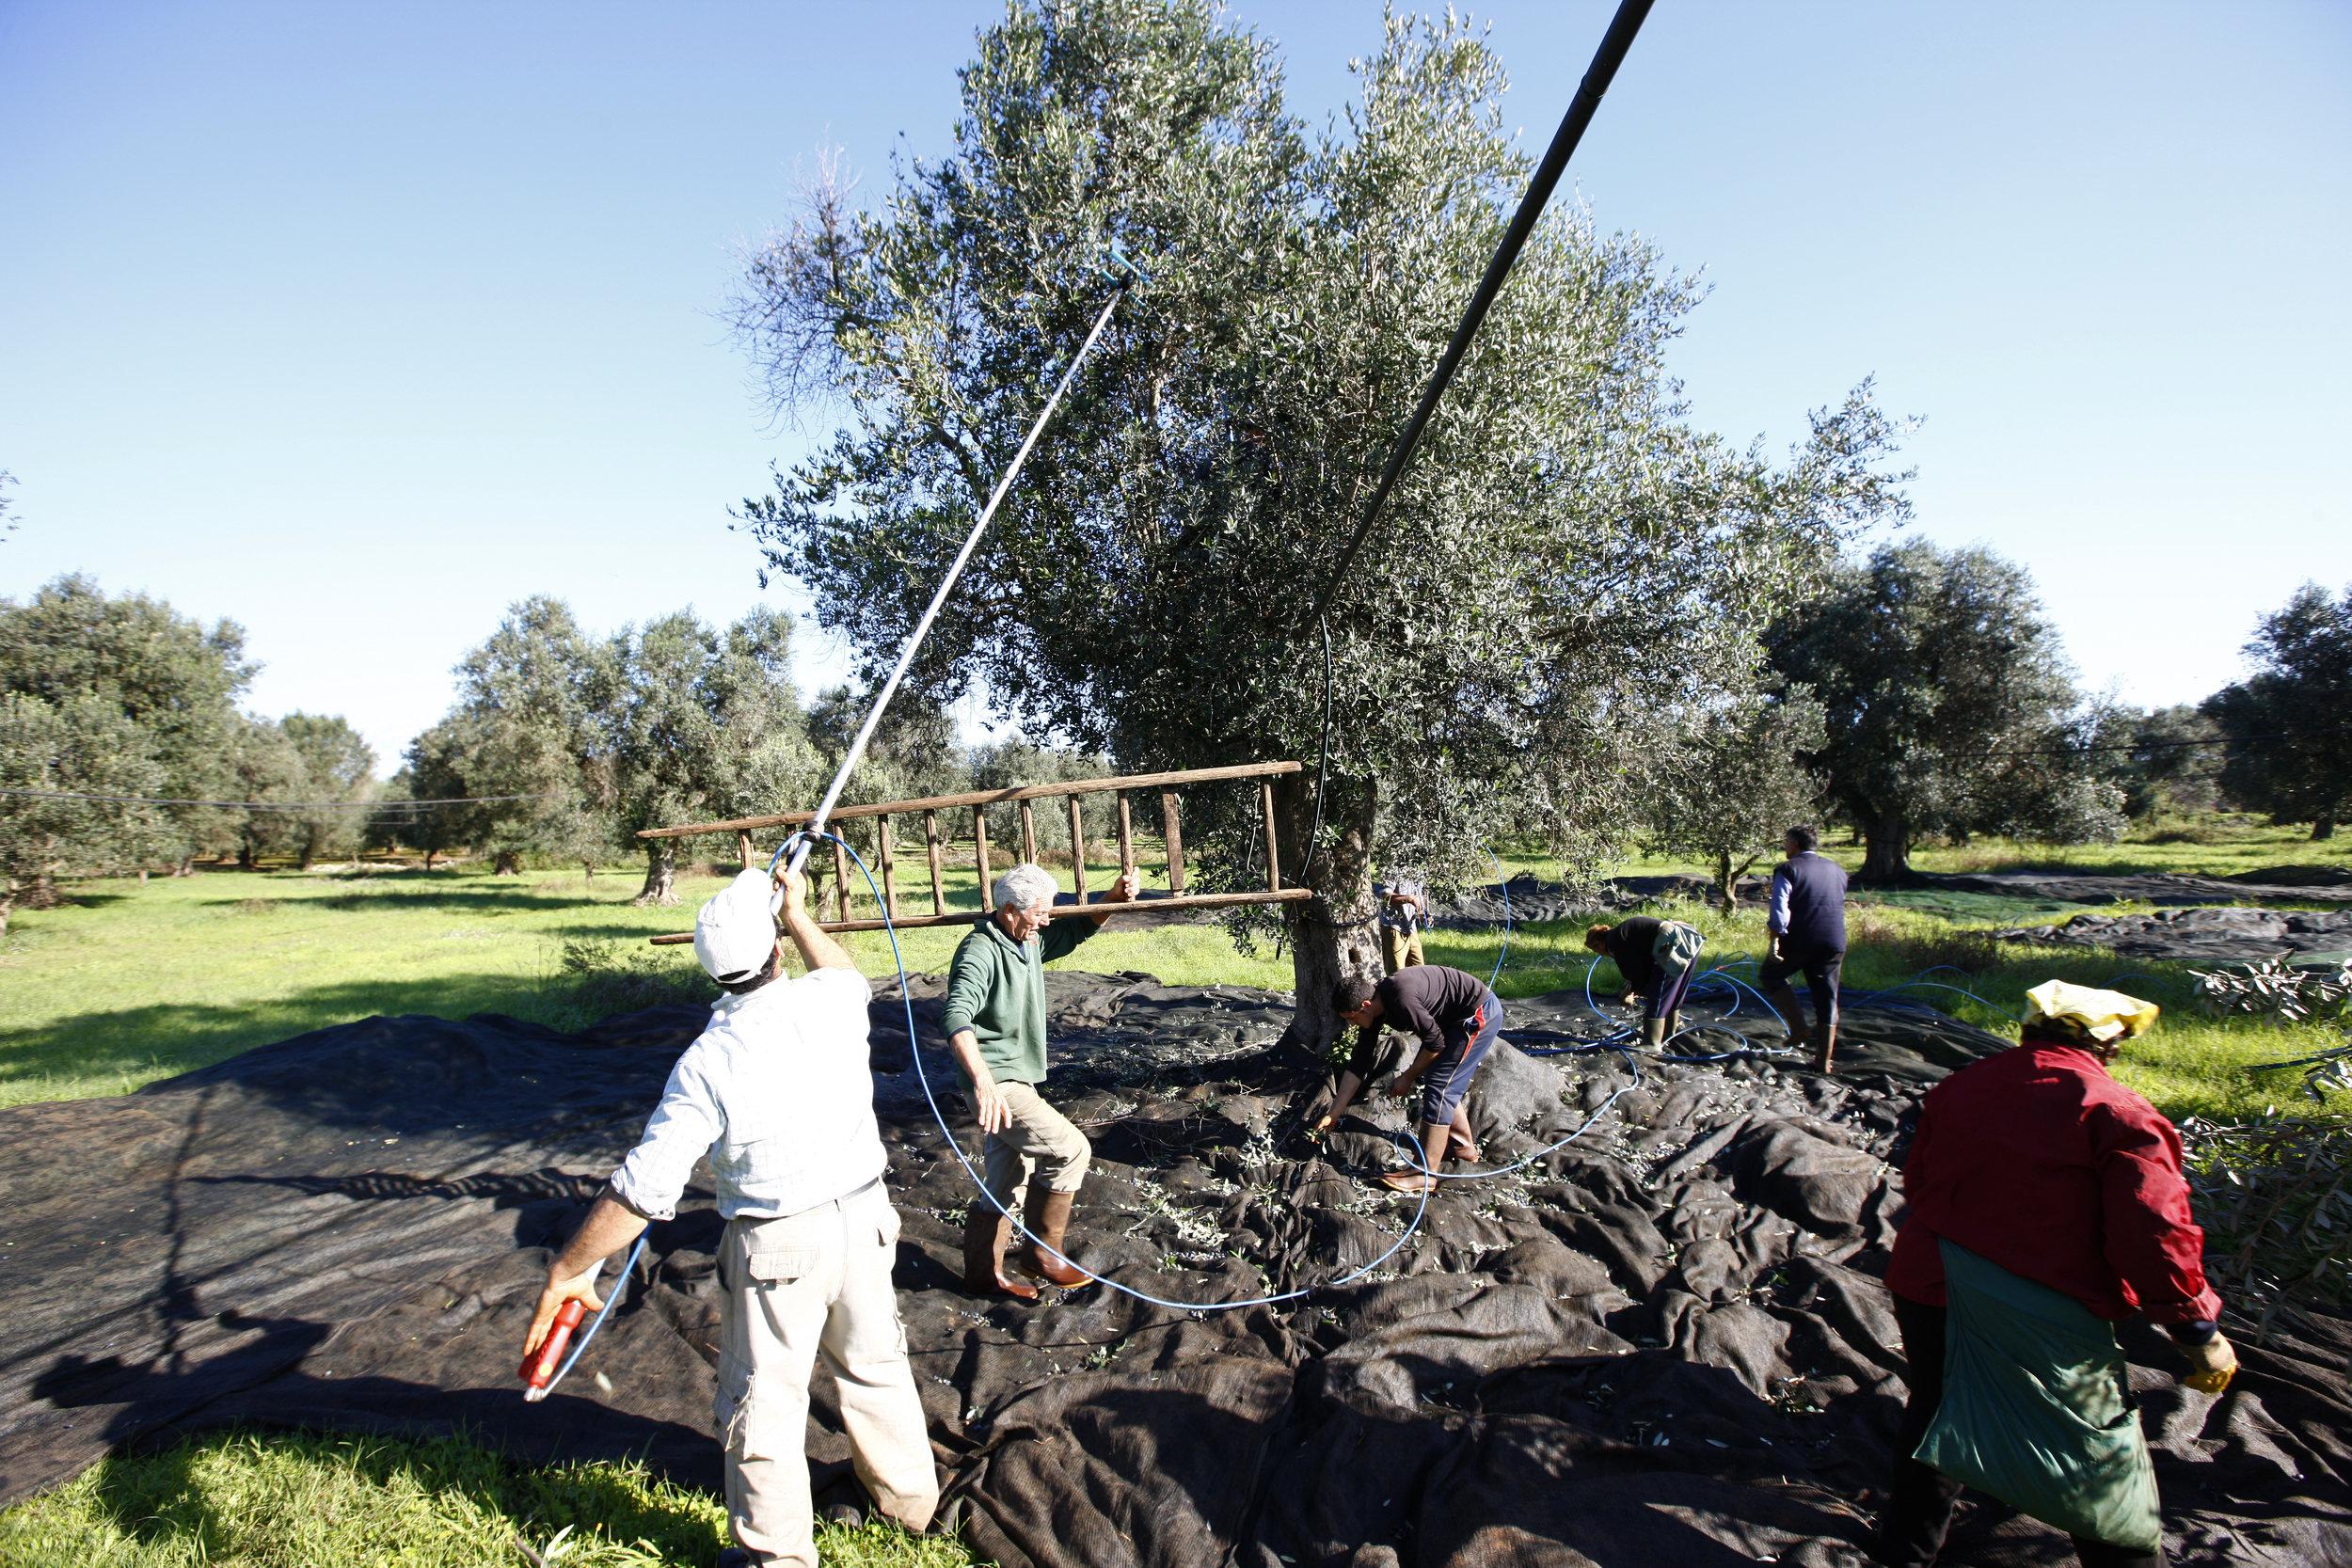 L'Effeuillage - Il est très important de faire le tri dans la récolte afin de n'en ressortir que des olives propres et irréprochables. Il faut donc prendre le temps d'enlever les brindilles, les rameaux et les morceaux d'écorce avant le pressage des olives.